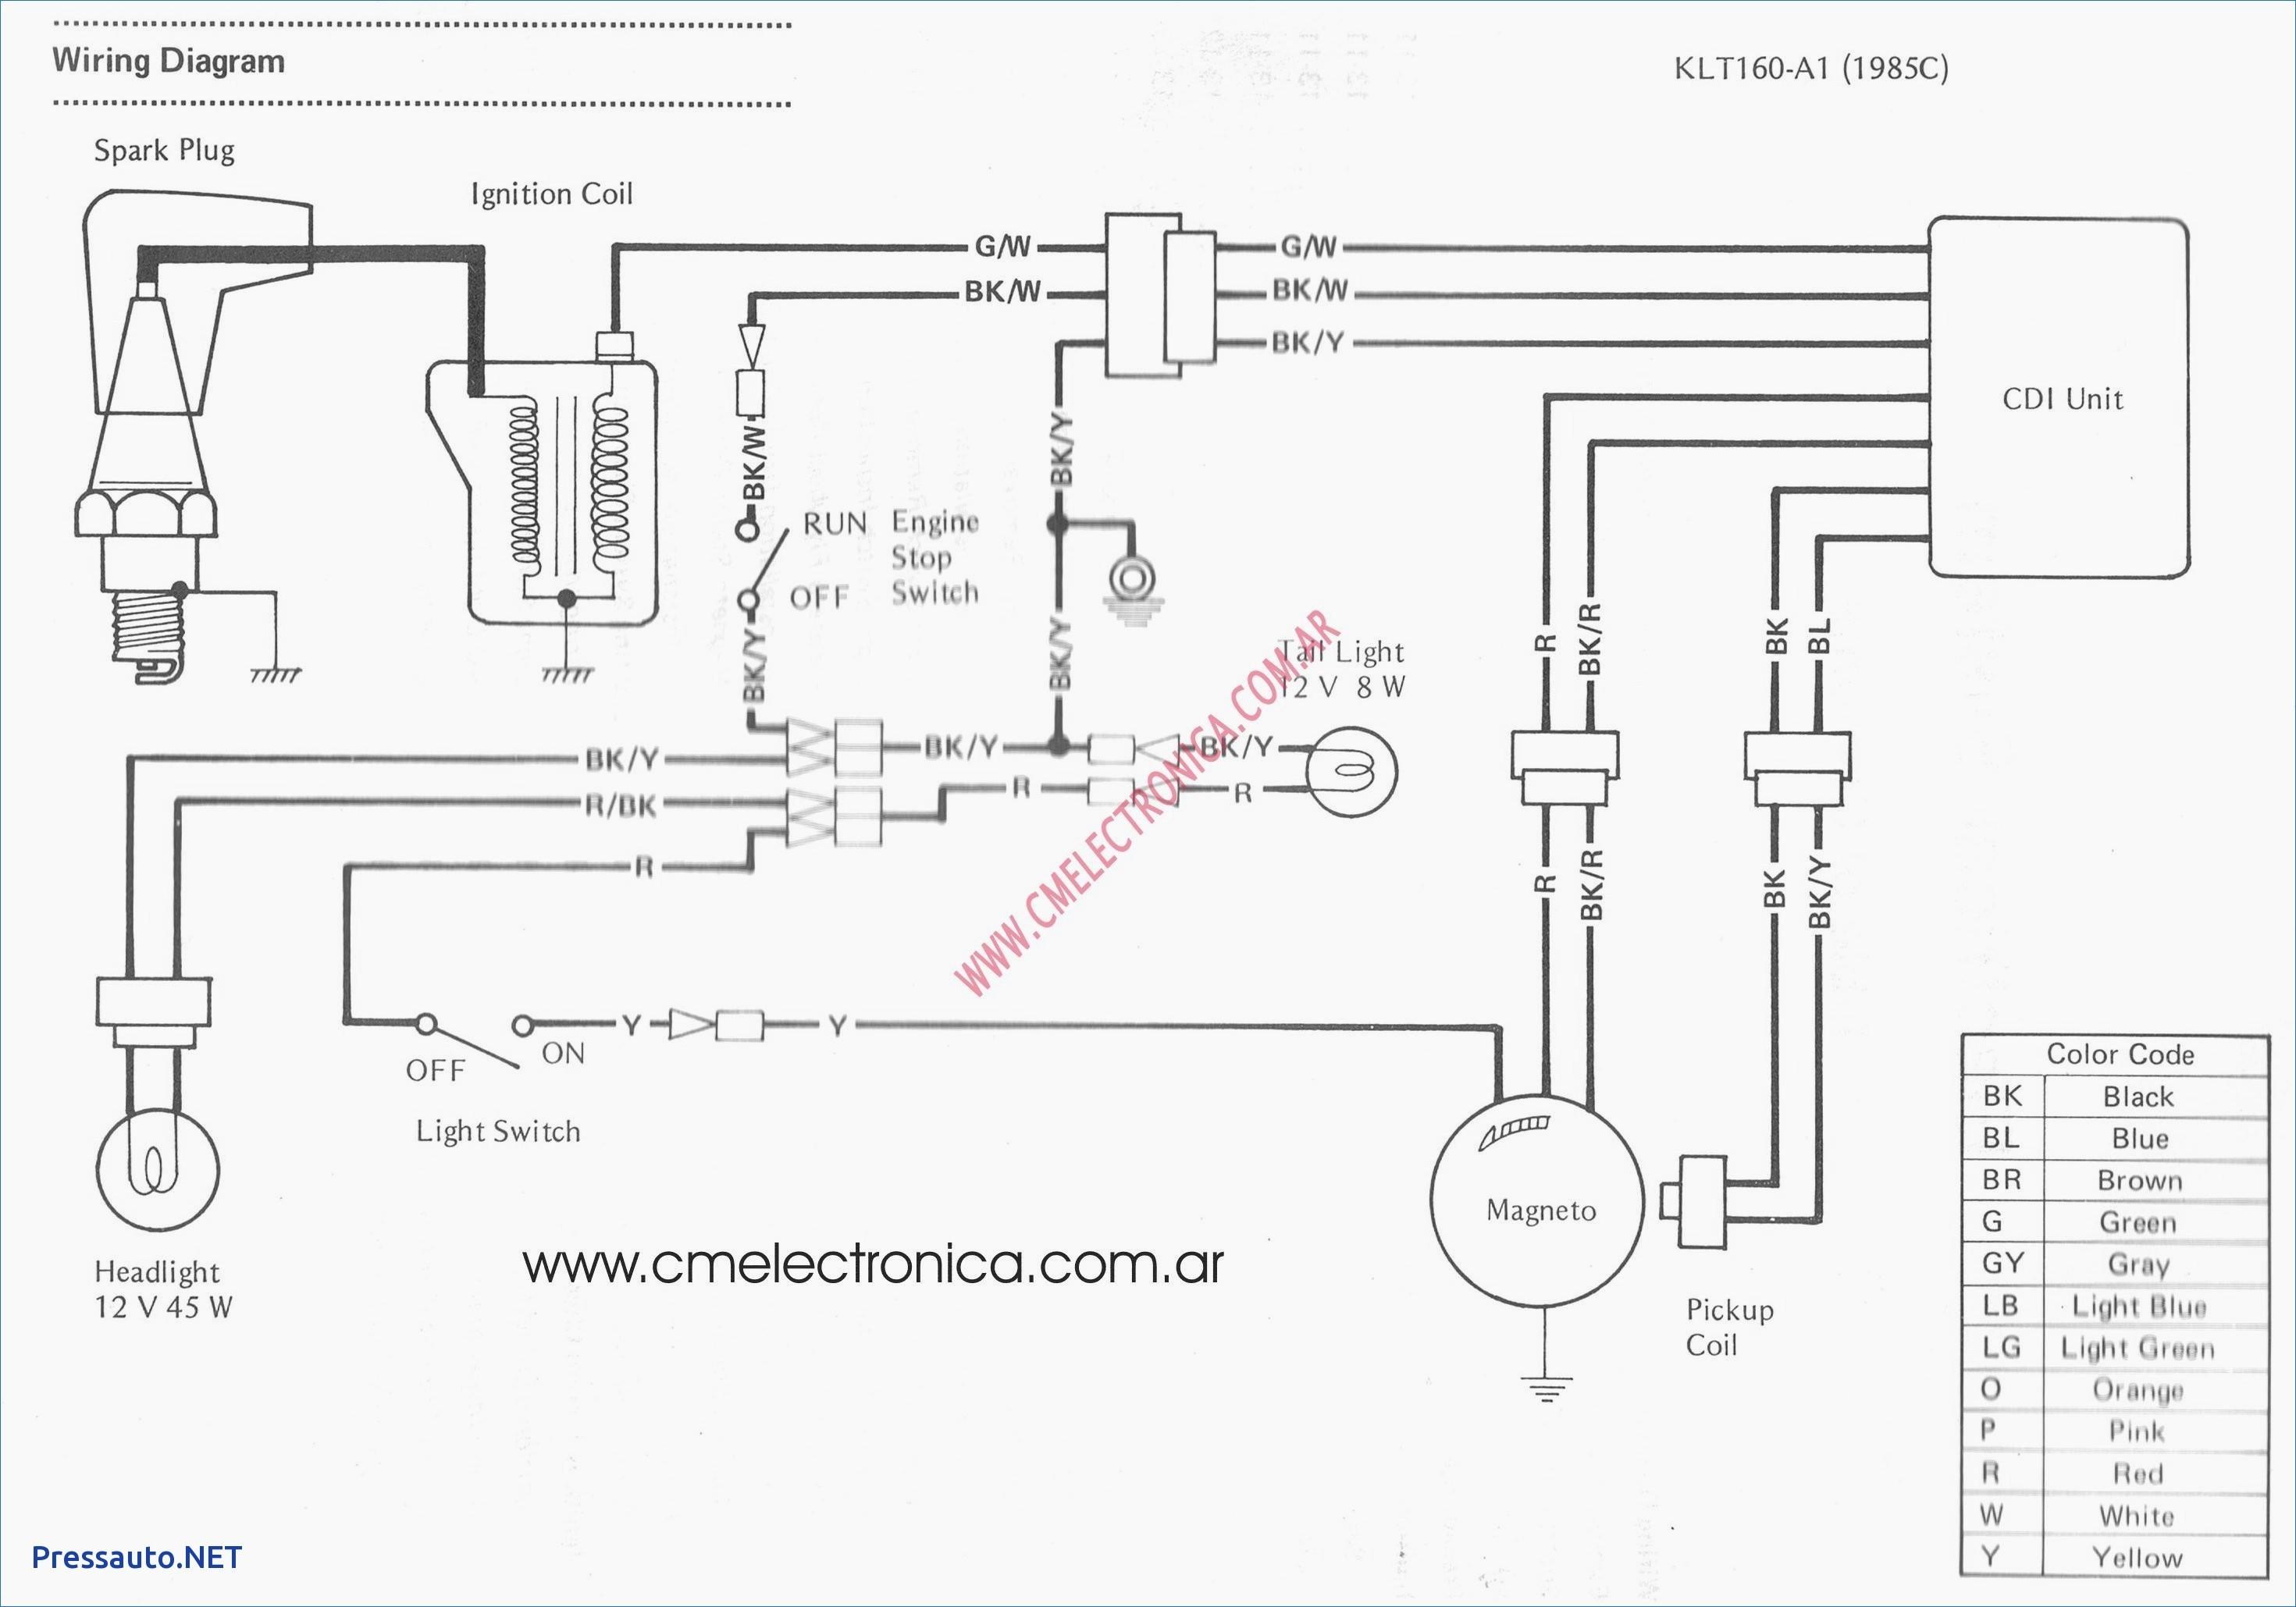 Vs 7058 Mf 285 Wiring Diagram Schematic Wiring